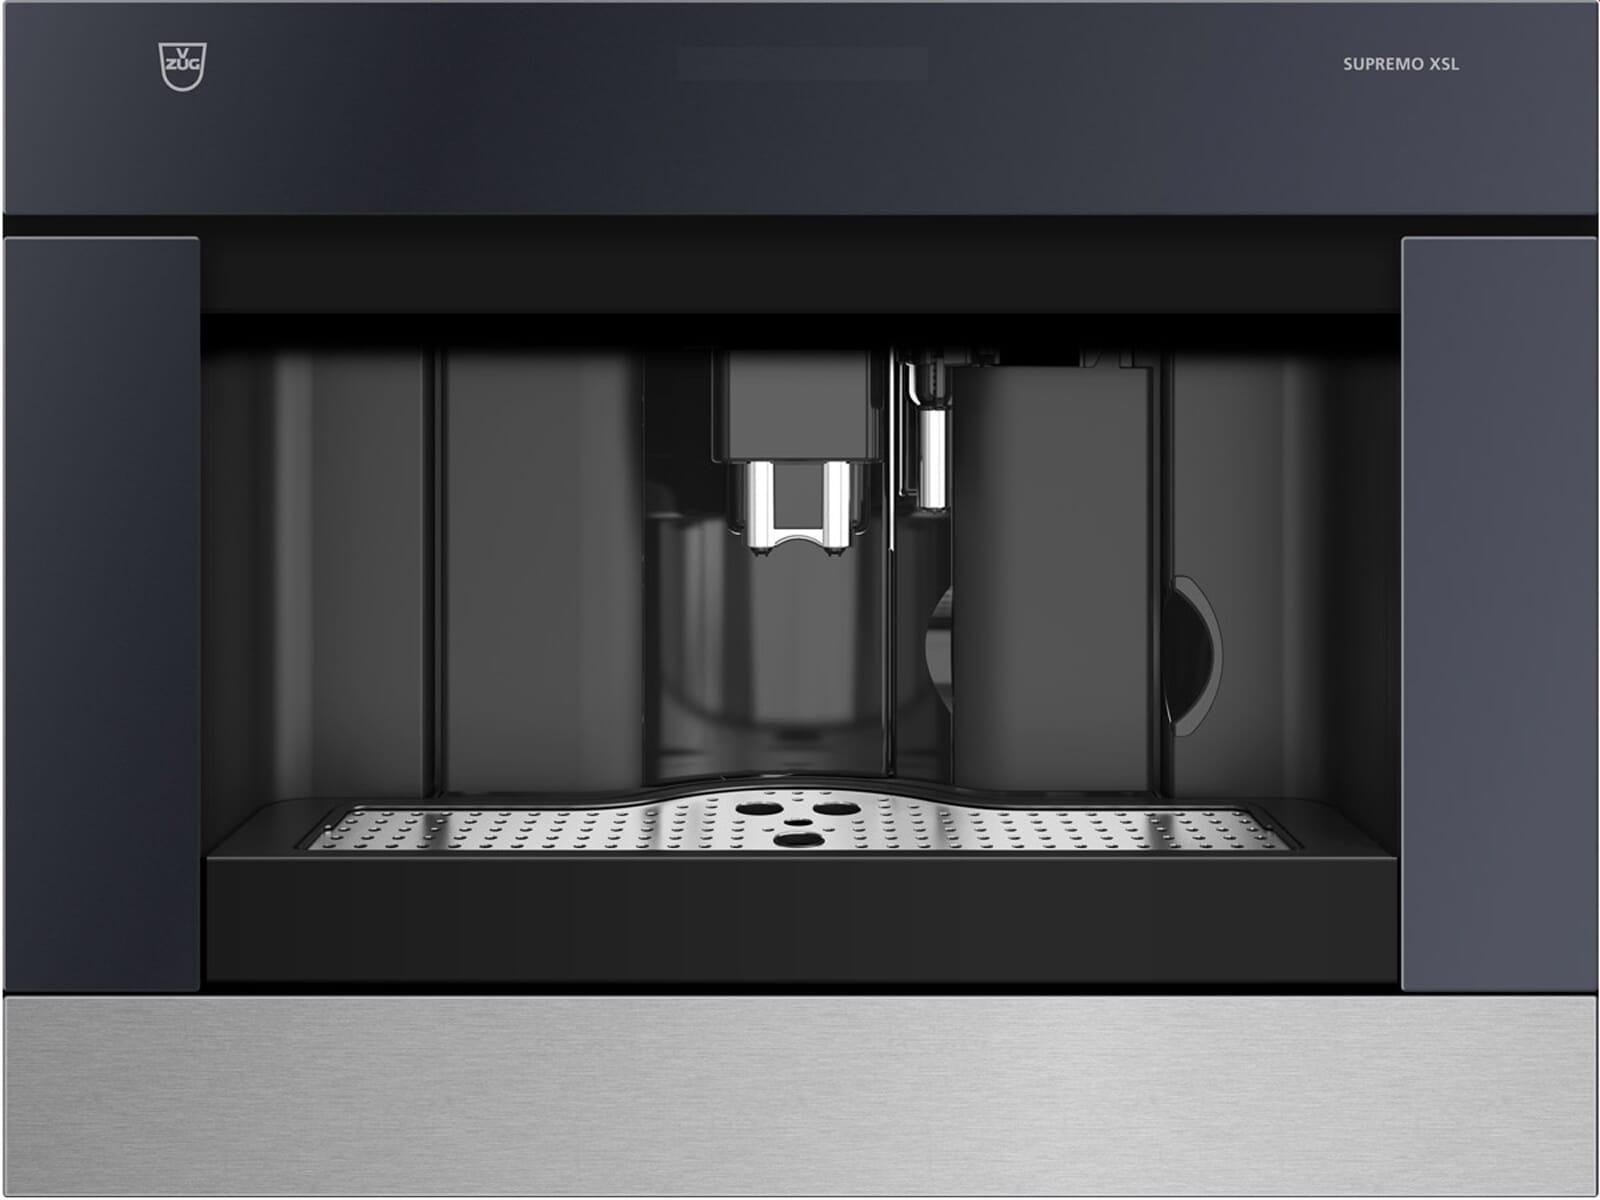 Bosch Kühlschrank Kälte Einstellen : Kühlschrank temperatur einstellen gorenje r fw k kühlschrank